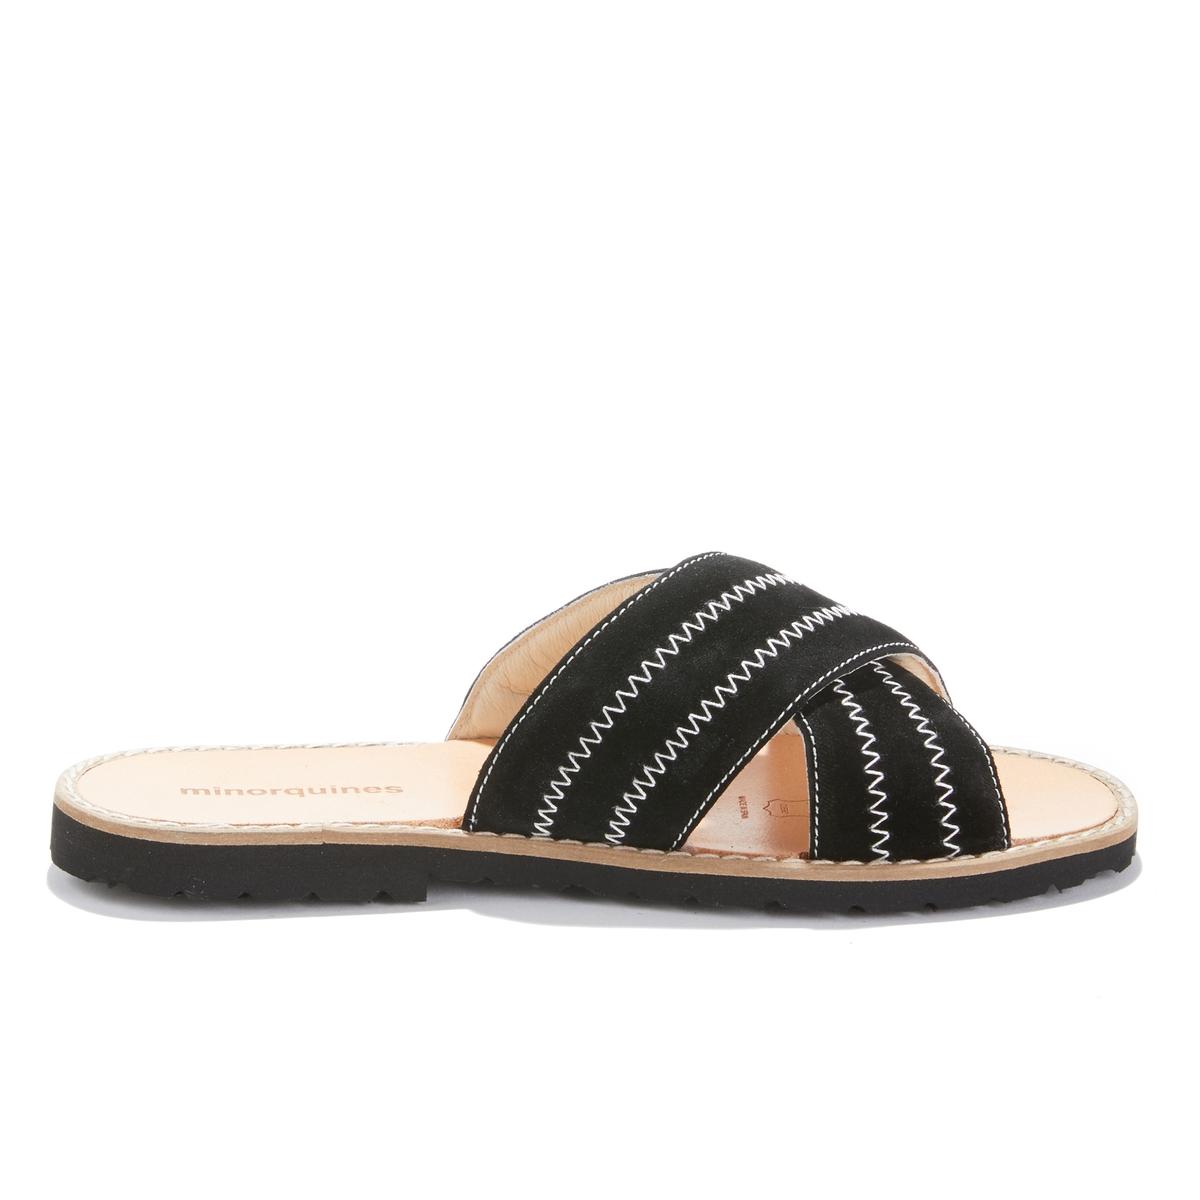 цены на Туфли La Redoute Без задника кожаные на плоском каблуке MULES BERLIN 38 черный в интернет-магазинах